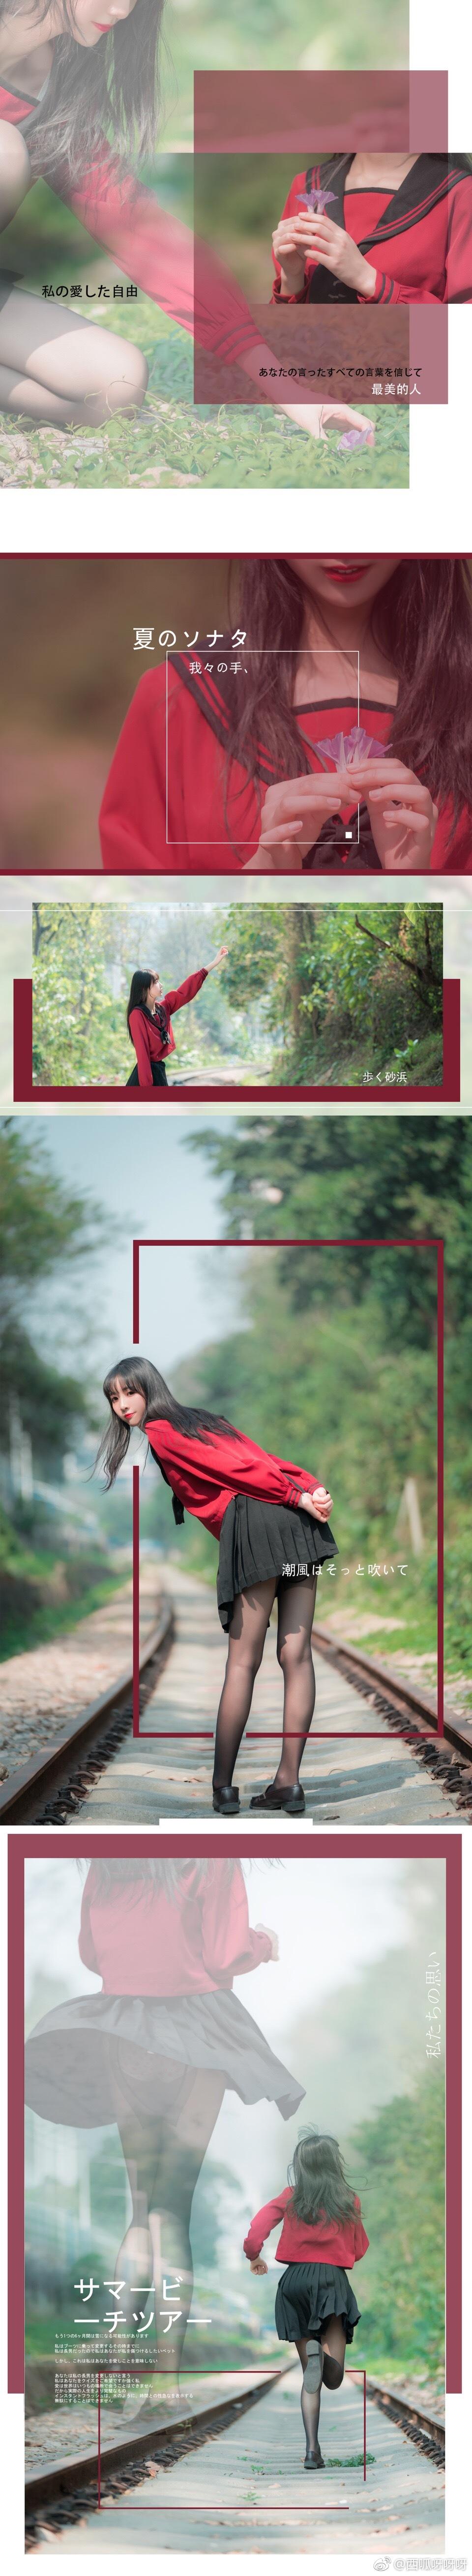 【萌妹子网】微博萌妹@西呱呀呀呀的日系少女写真(9P)